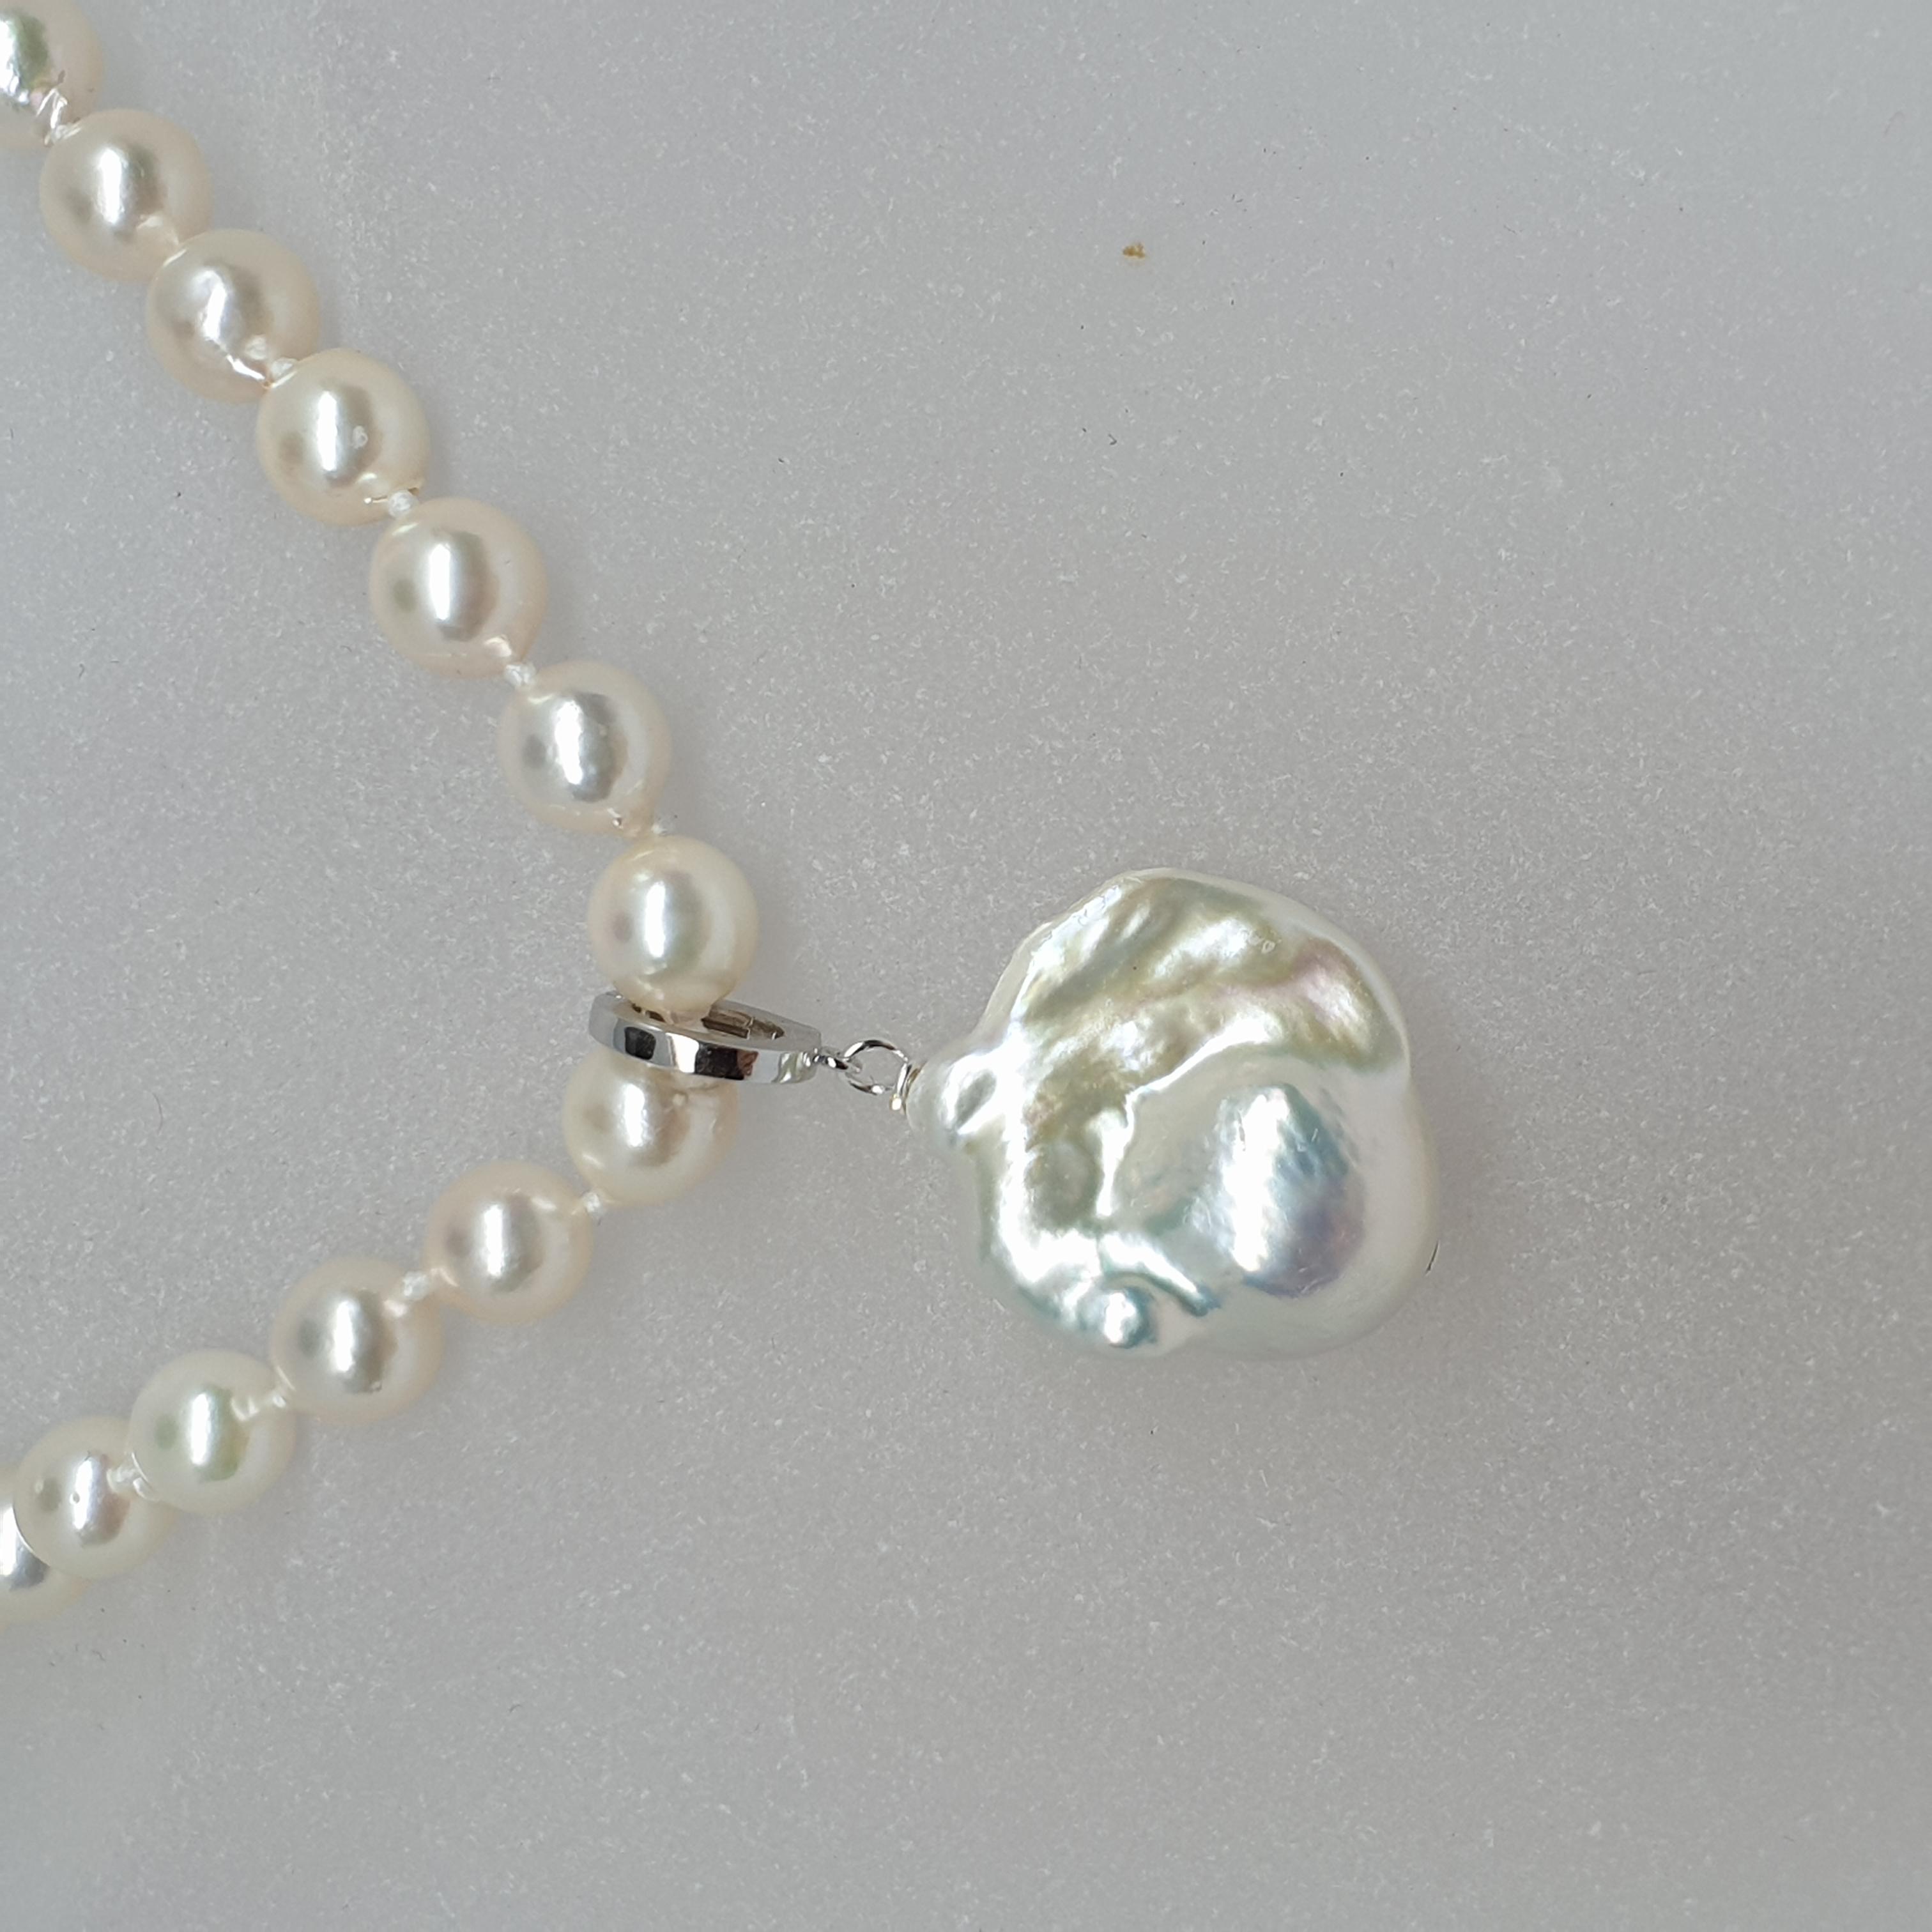 pärlhänge på collier